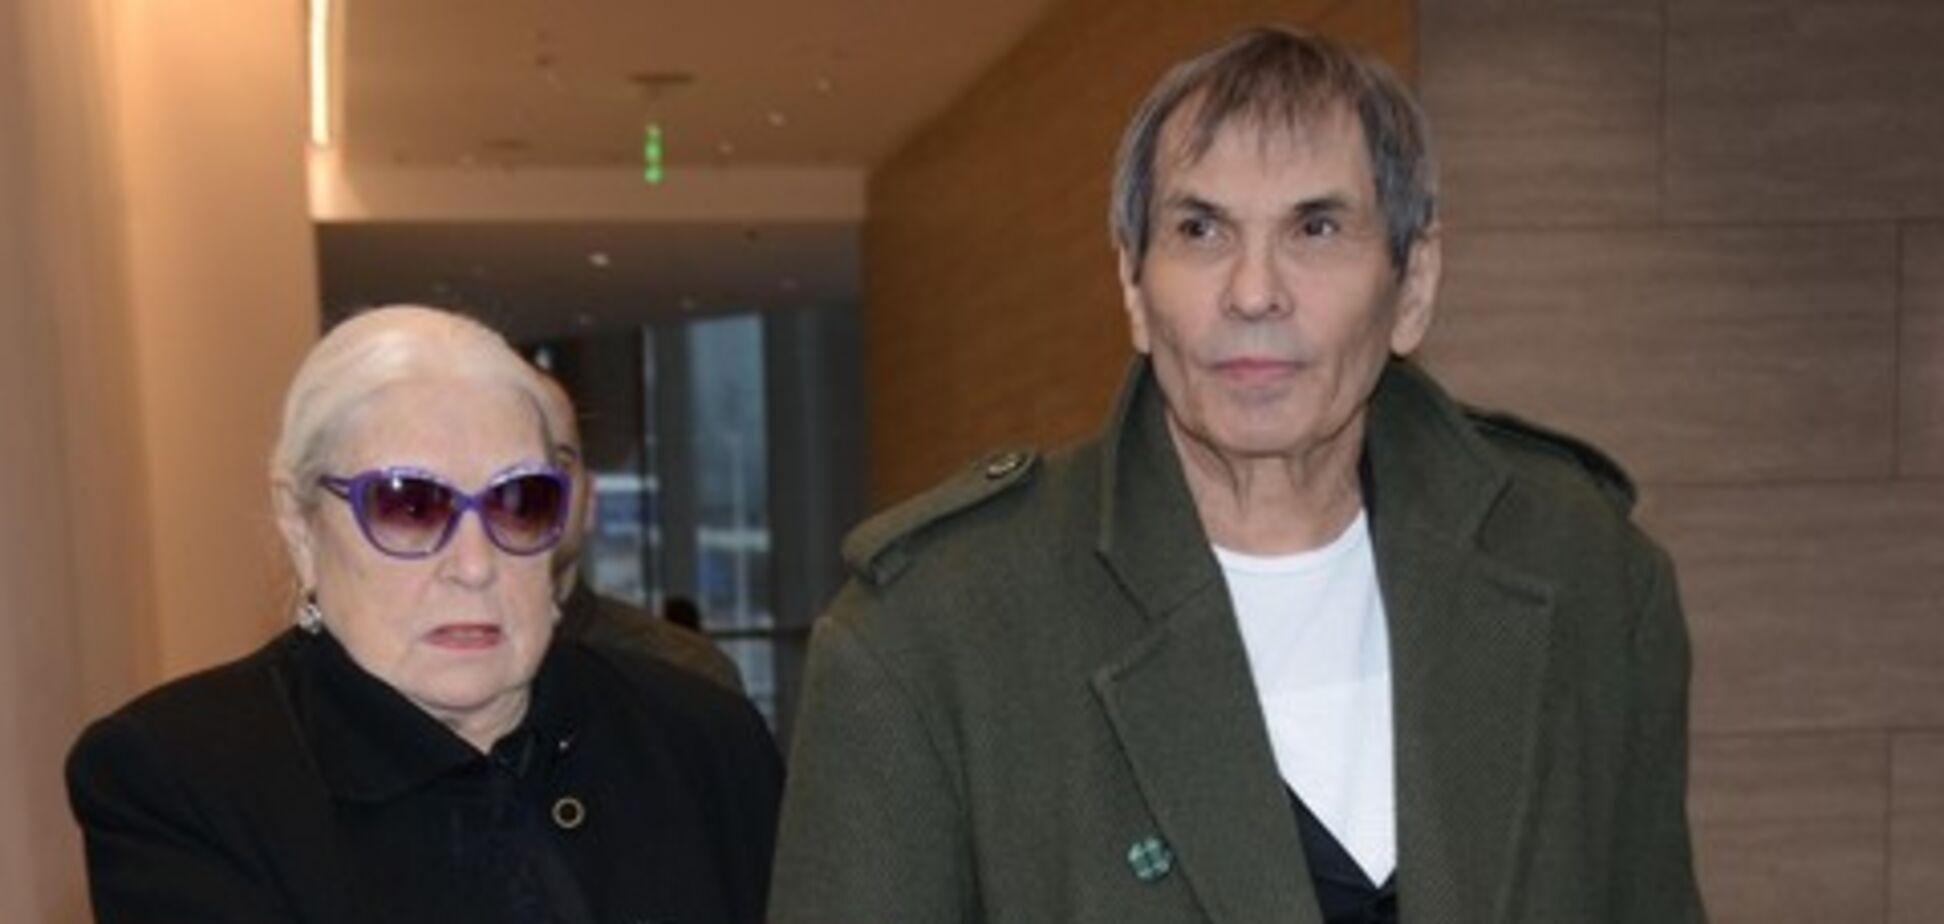 Скандальный Алибасов отобрал у 81-летней жены квартиру: известны подробности